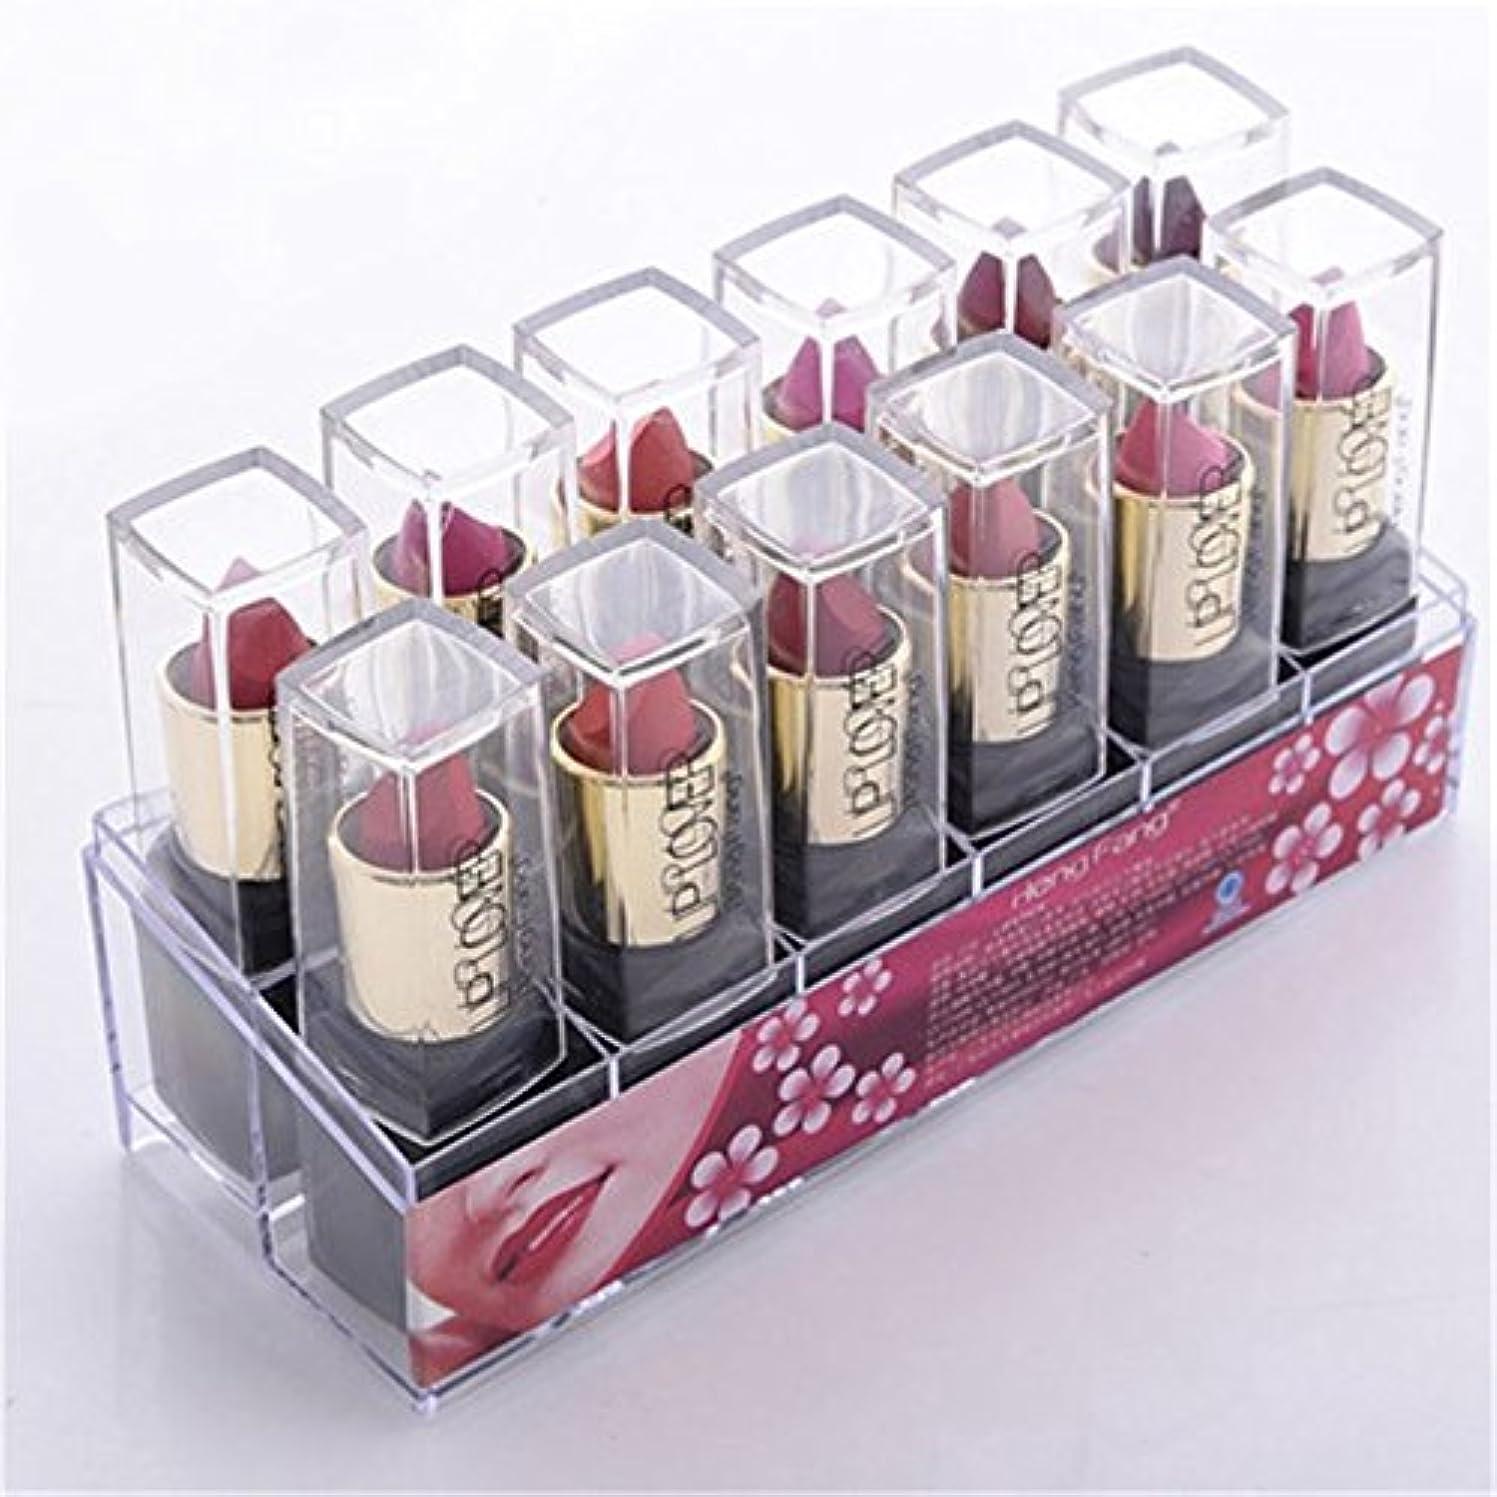 暗記するポットエンジニア2017 New 12pcs/set Lipsticks Sex Nude Lip Matte Kits Long Lasting Waterproof Pigment Matte Makeup Lipstick Set by HengFang